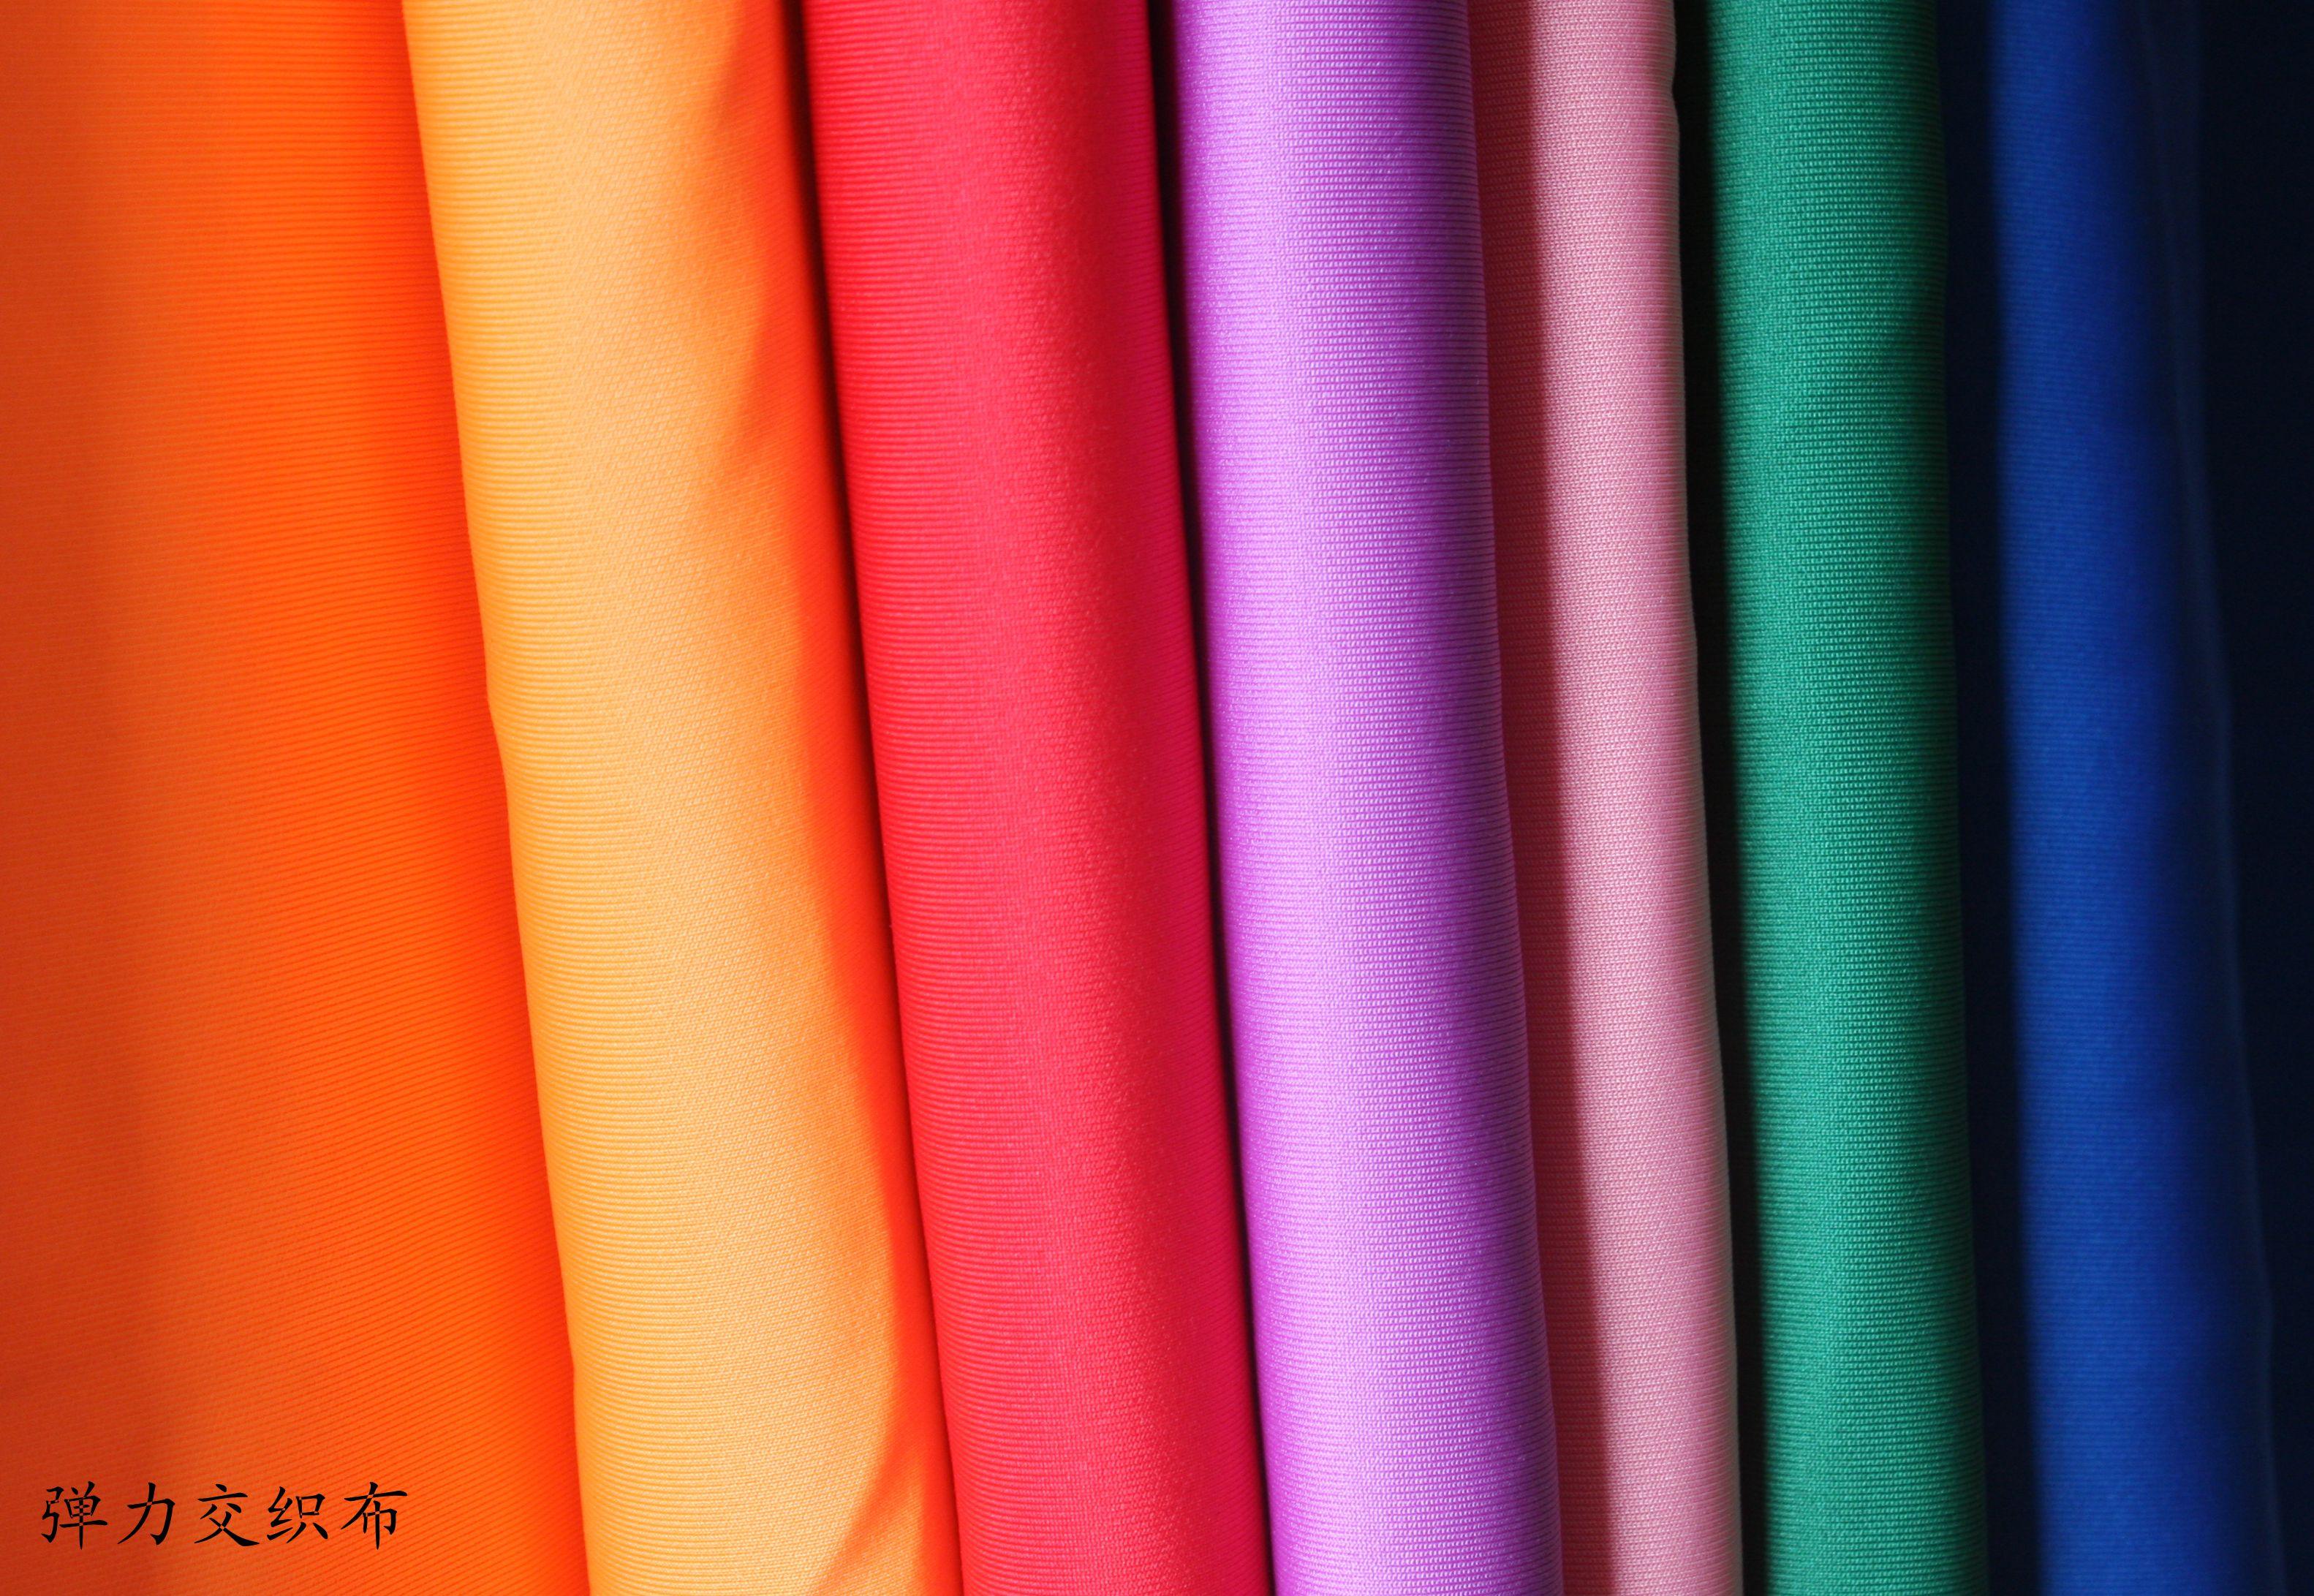 江西双面交织布——质量超群的涤安双面交织布哪儿买